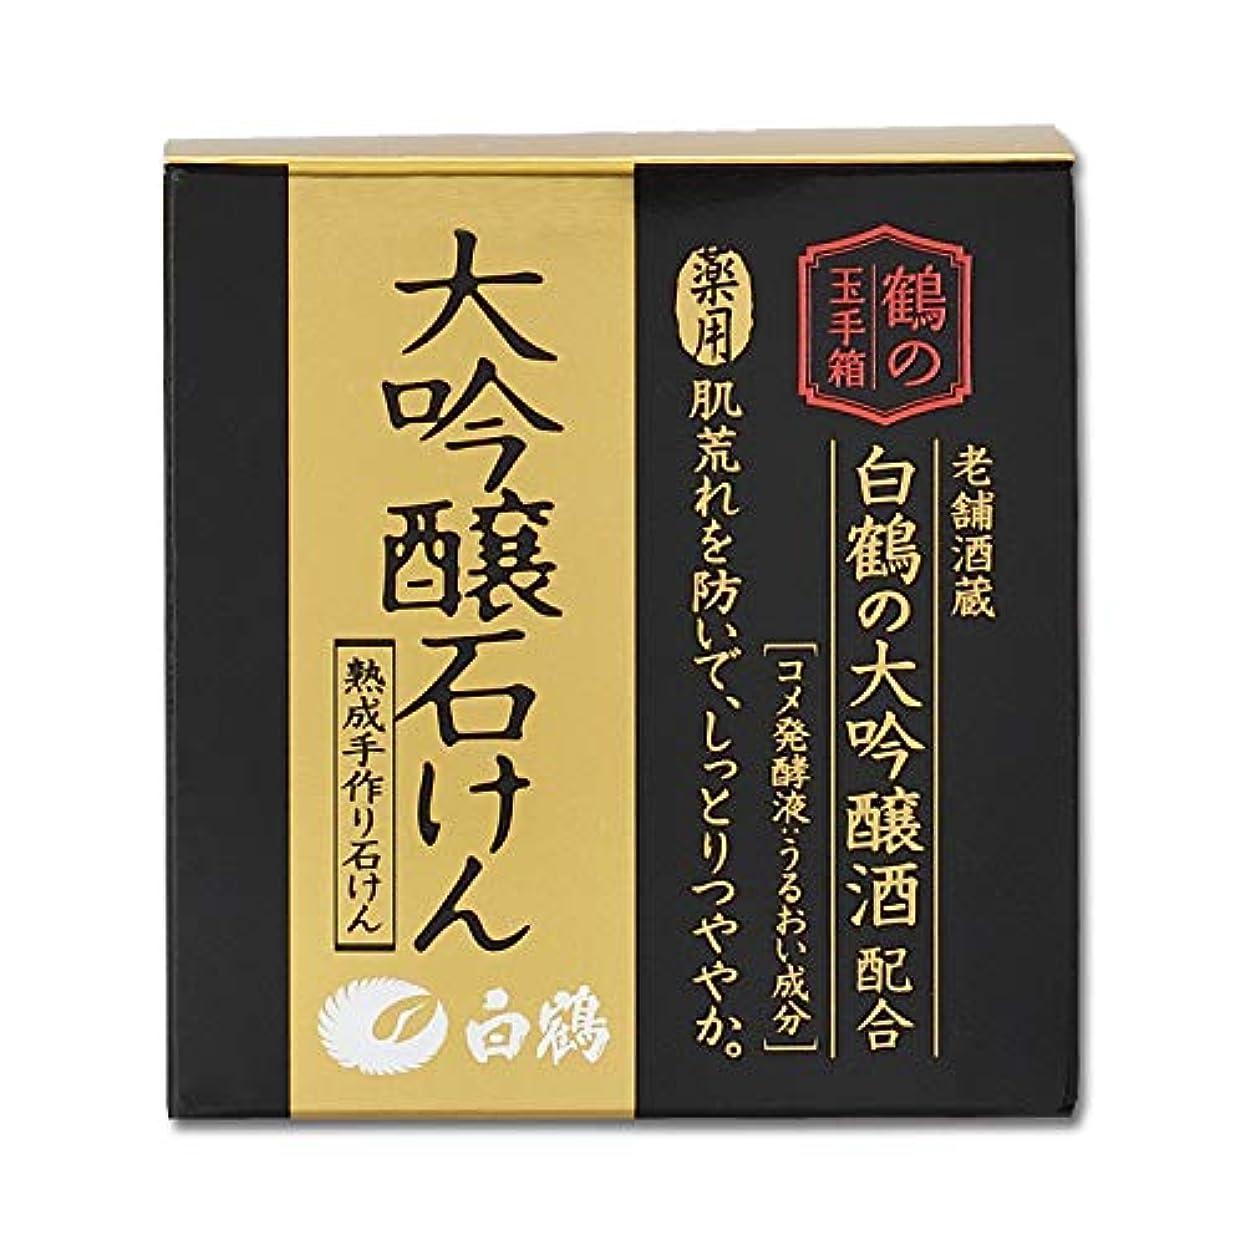 ウルルボウリング咲く白鶴 鶴の玉手箱 薬用 大吟醸石けん 100g (医薬部外品)